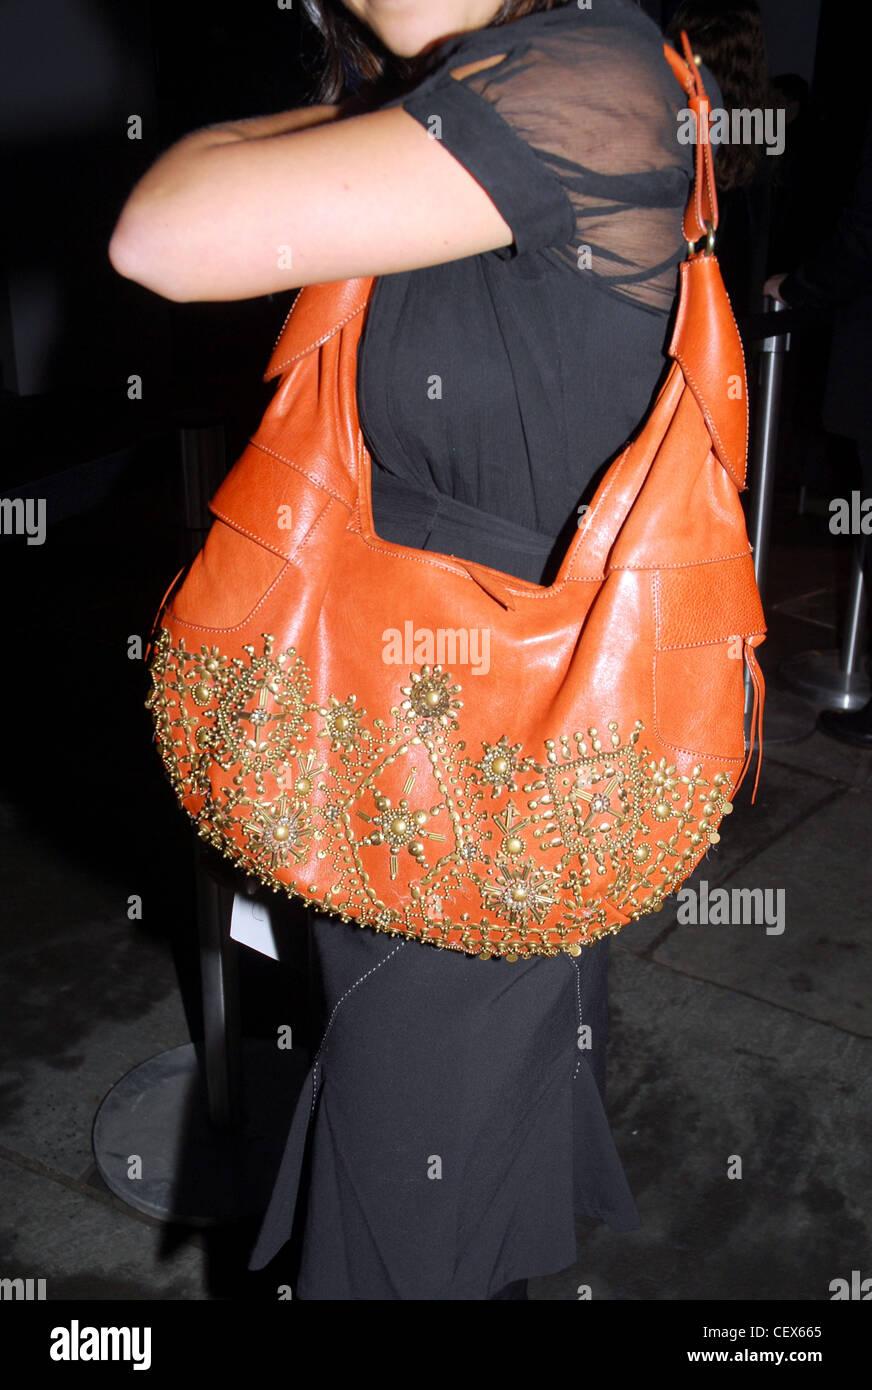 1a23a676ea669 NEW YORK UN W MONTRE MISCELLANY Cropped shot d'une femme portant une robe  noire